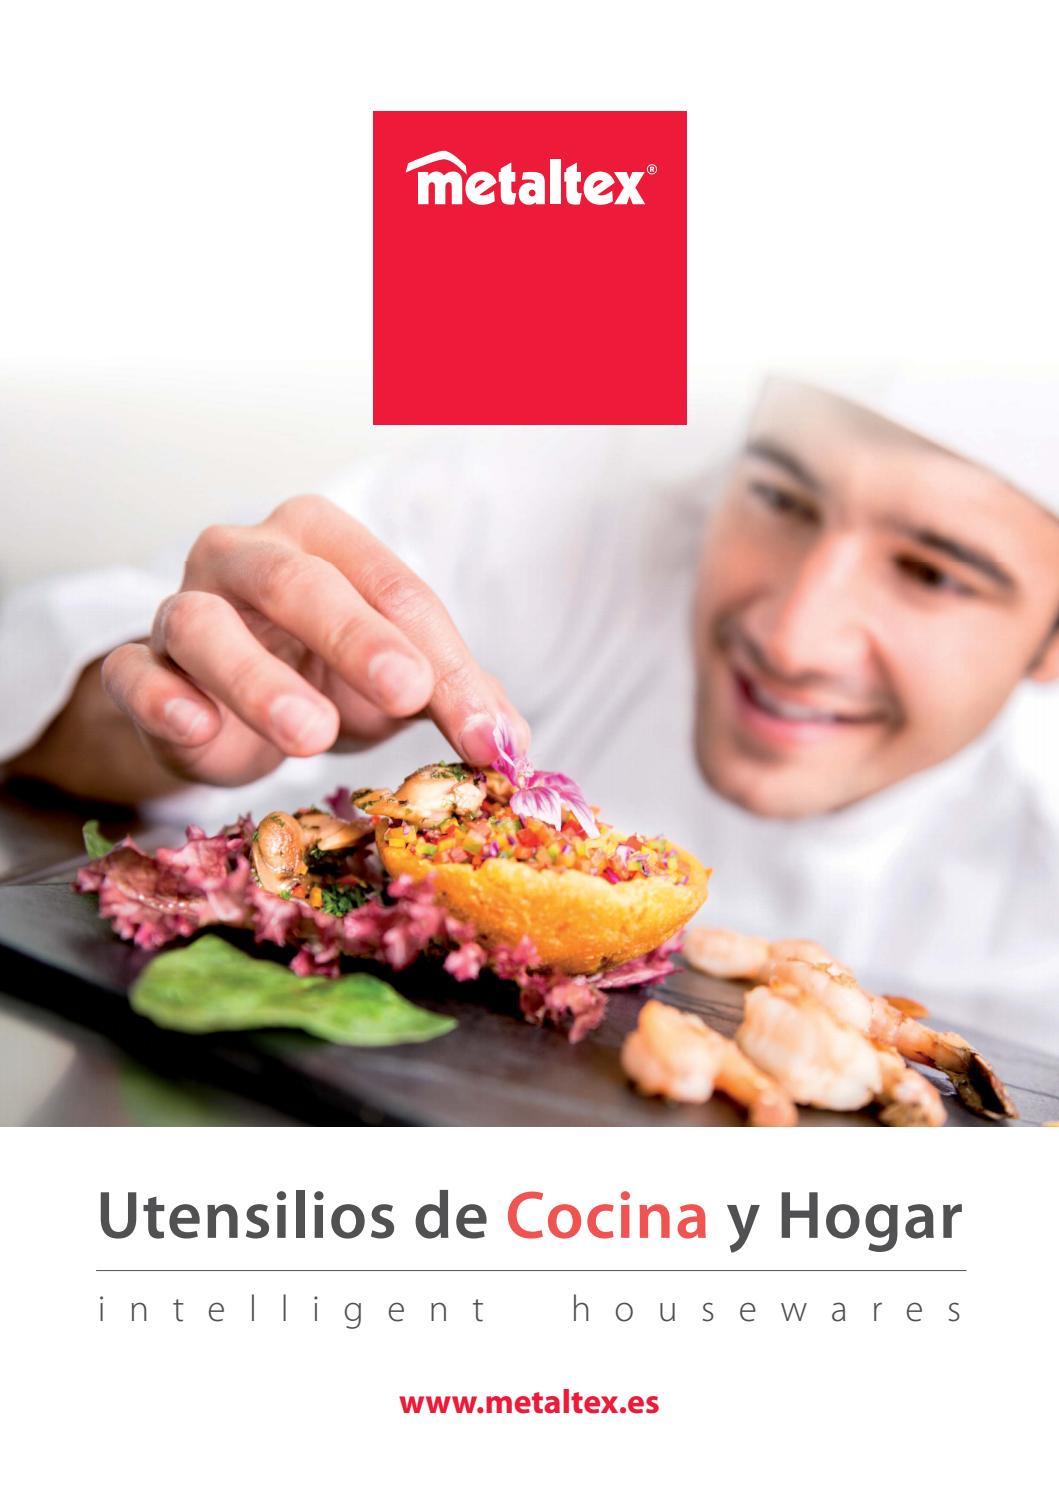 Cat logo metaltex 2017 utensilios cocina y hogar by for Utensilios de cocina logo